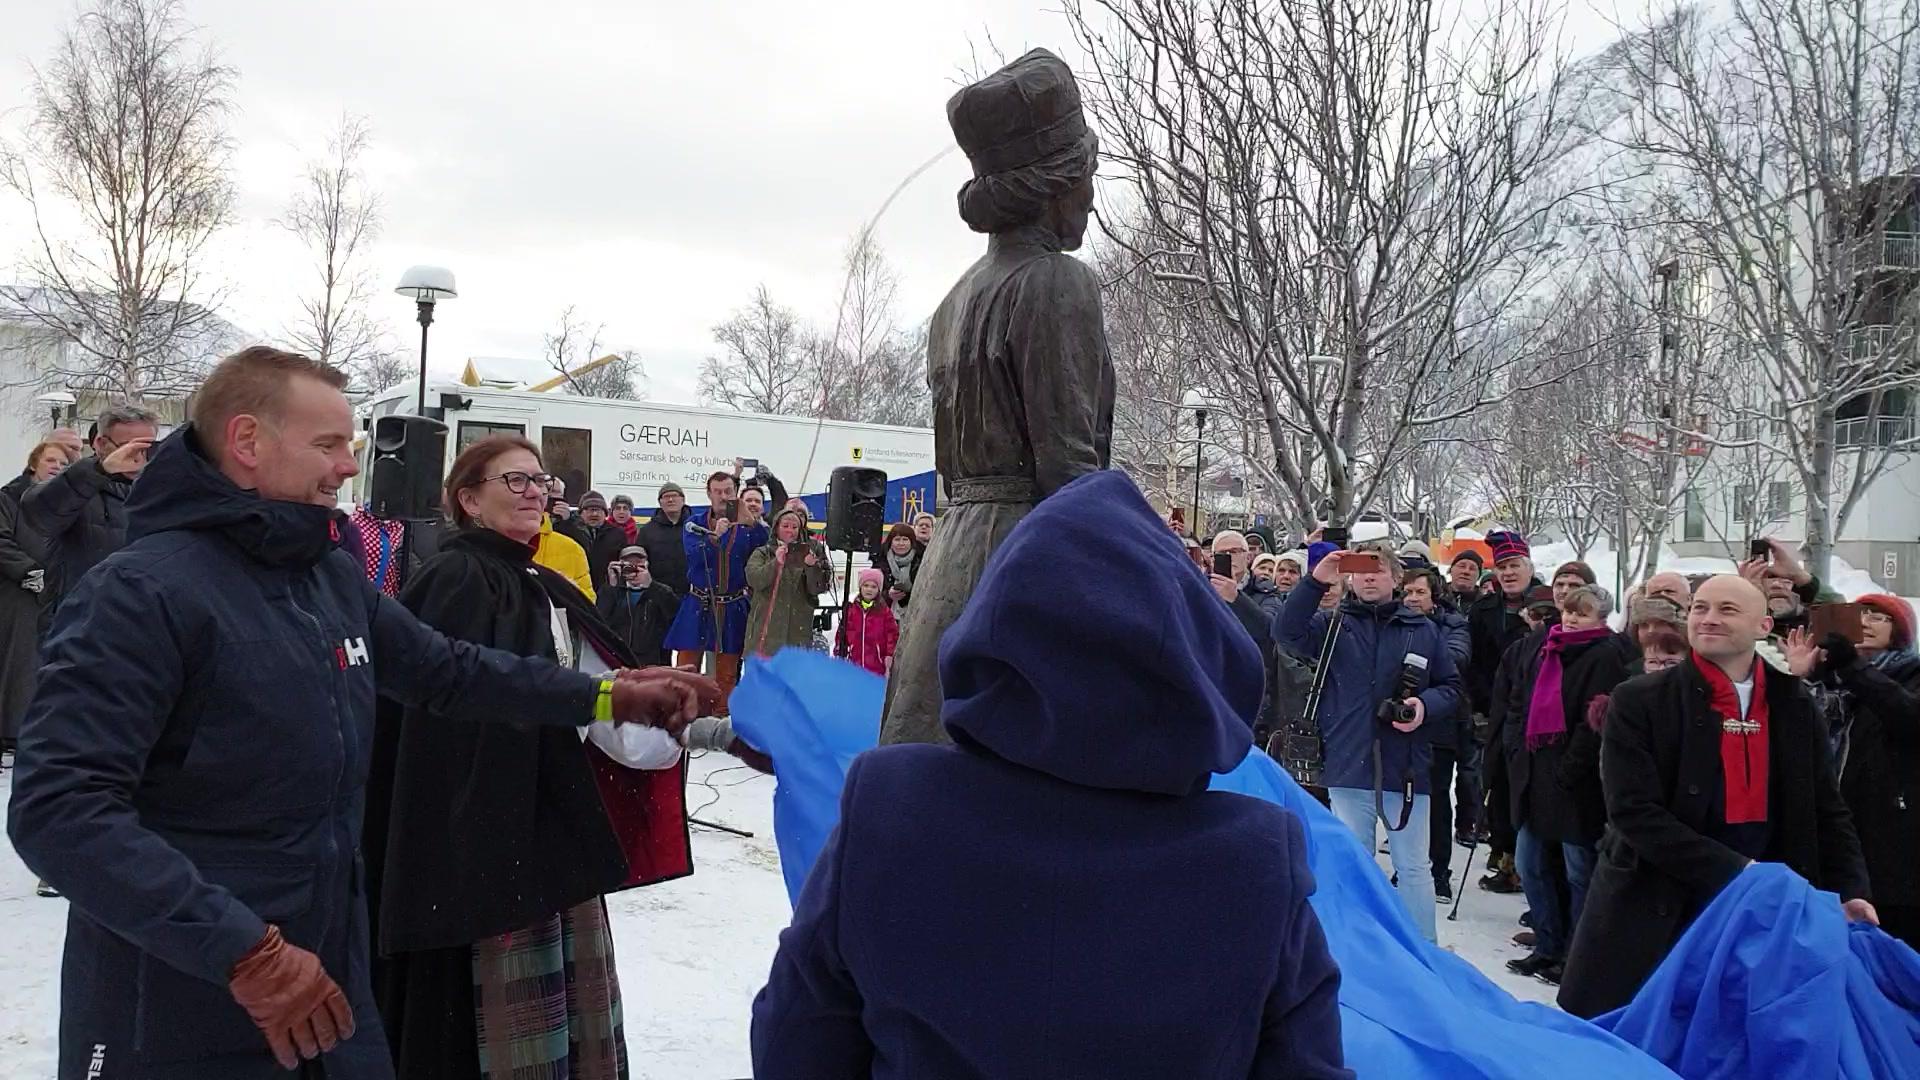 Avdukning av Elsa Laula Renberg-statuen i Mosjøen 6. februar 2019